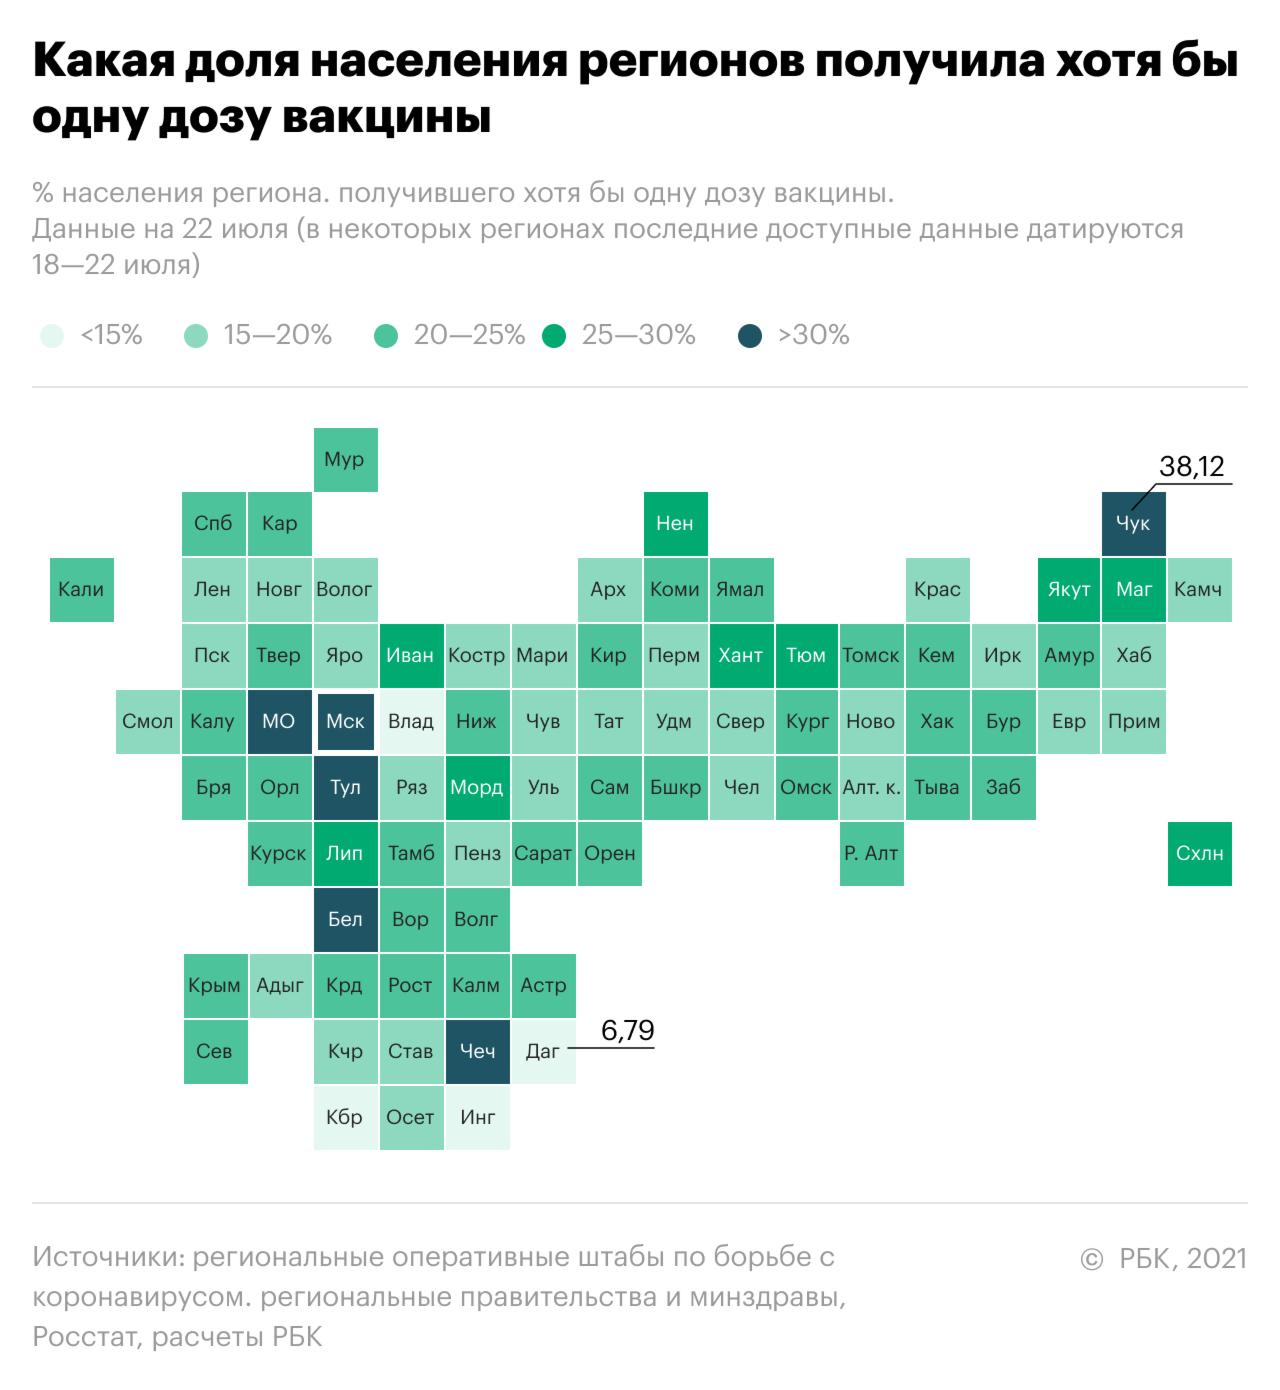 Как проходит вакцинация от COVID-19 в России. Инфографика